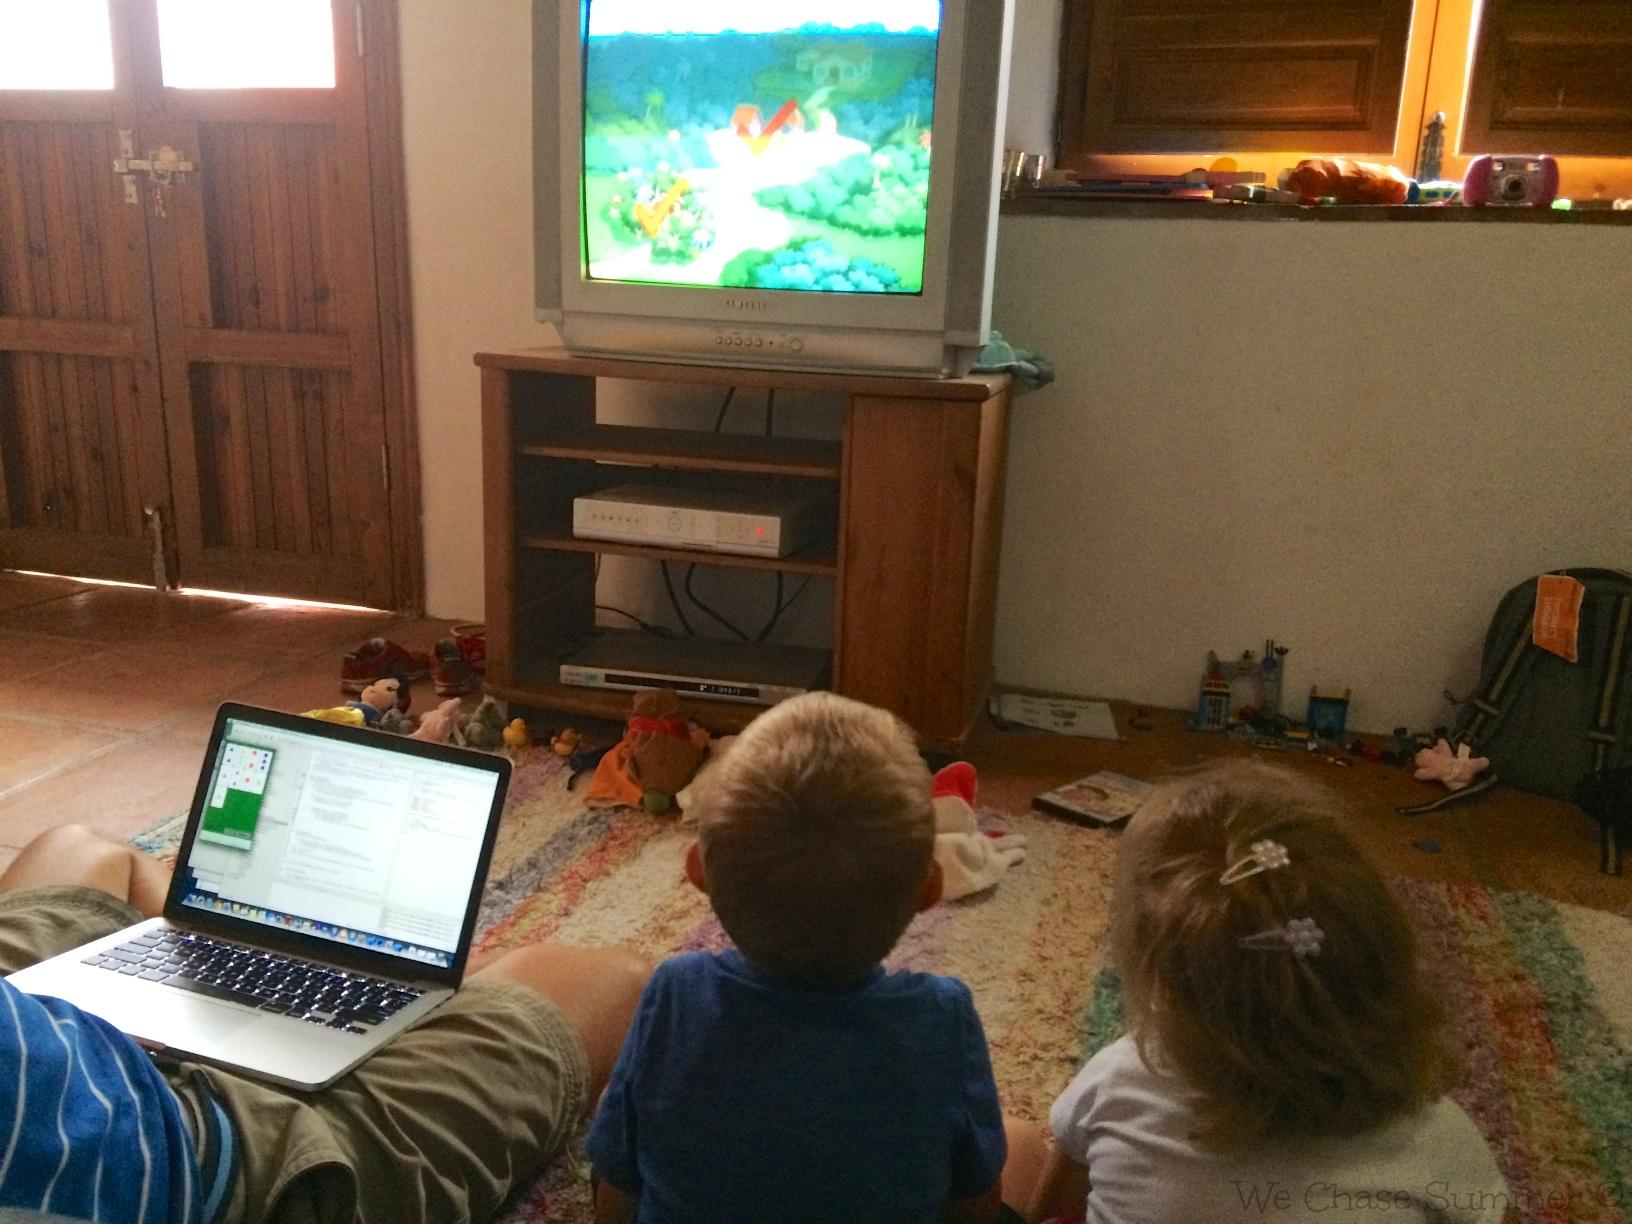 Watching Dora the Explorer